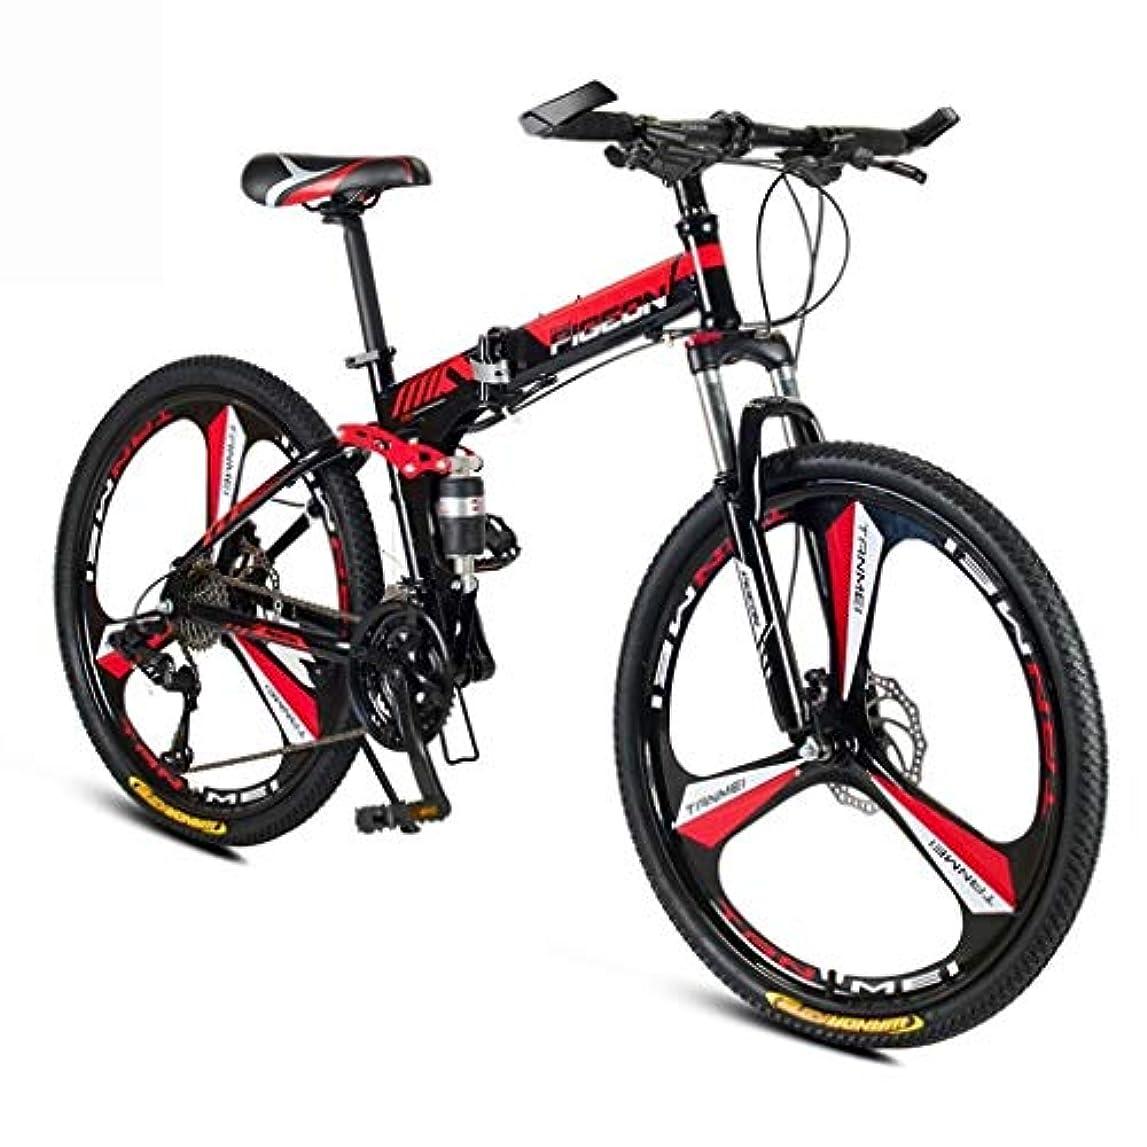 空虚よろめく雰囲気折りたたみマウンテンバイク、24/26インチ24/27/30スピードフロントとリアのディスクブレーキ、大人のマウンテン自転車レディースメンズトラベルアウトドアアジャスタブル自転車 (Color : Red, Size : 26inch)